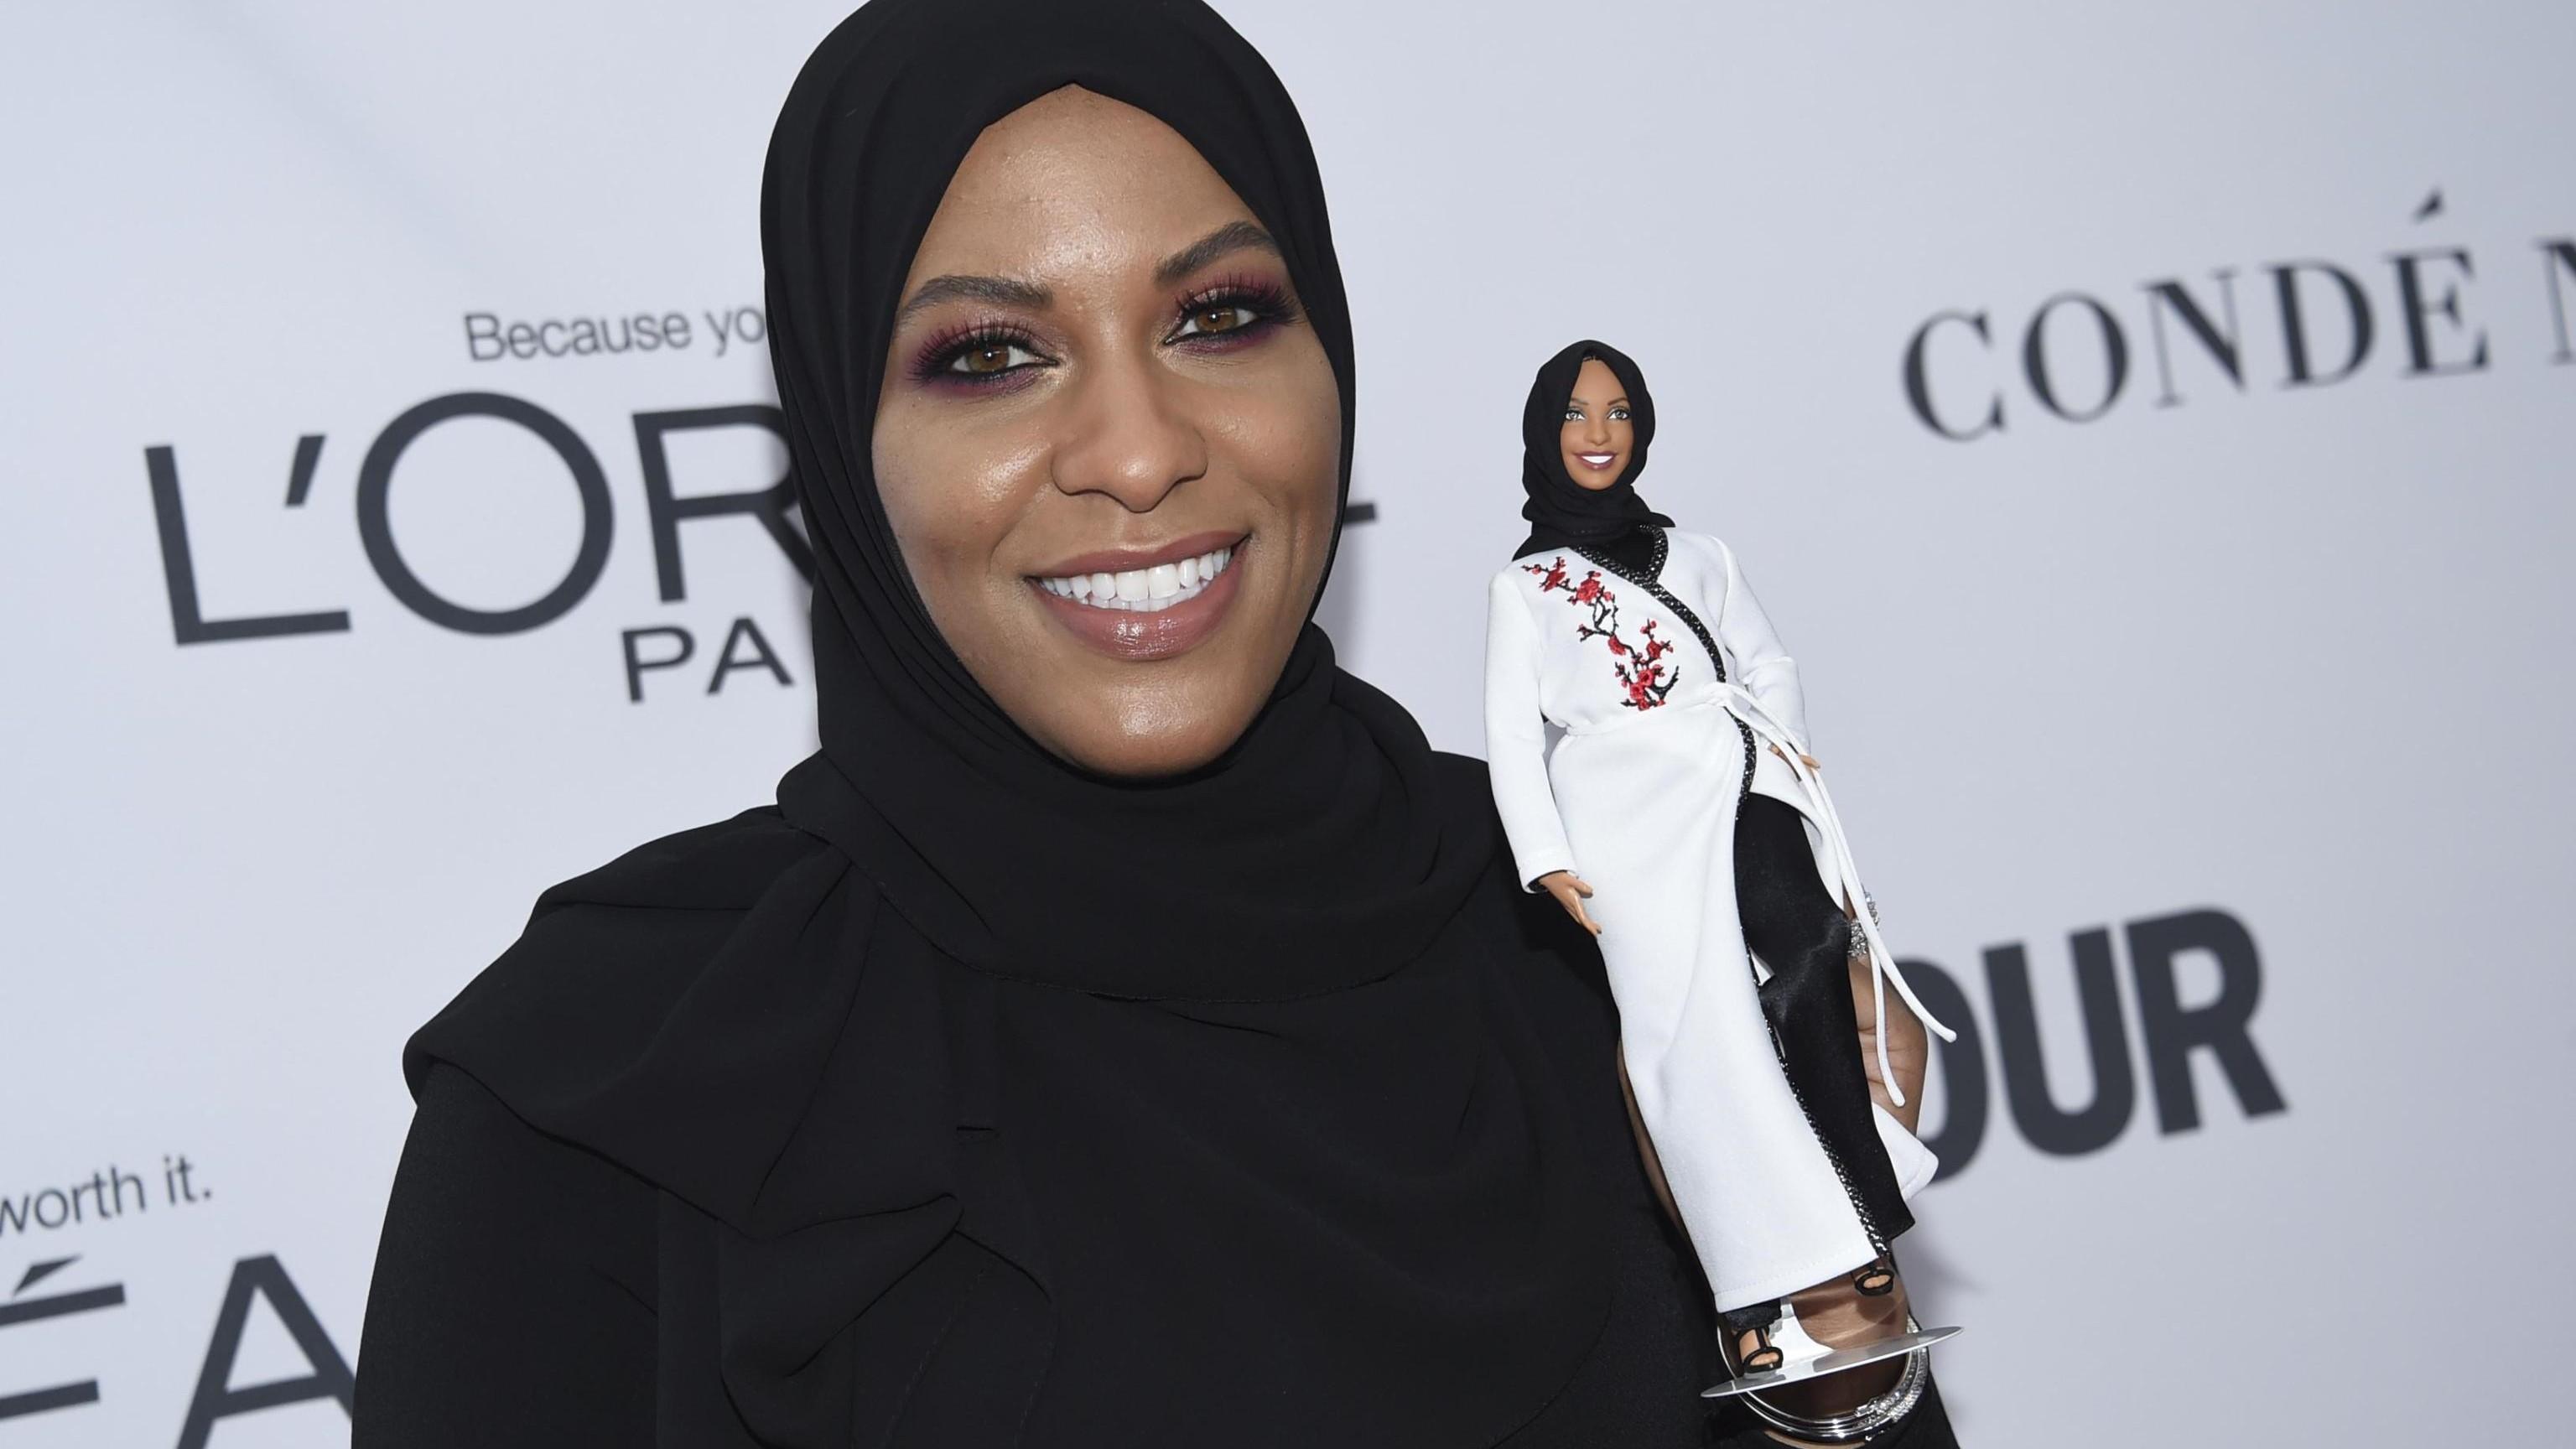 La prima Barbie con il velo islamico in arrivo nel 2018